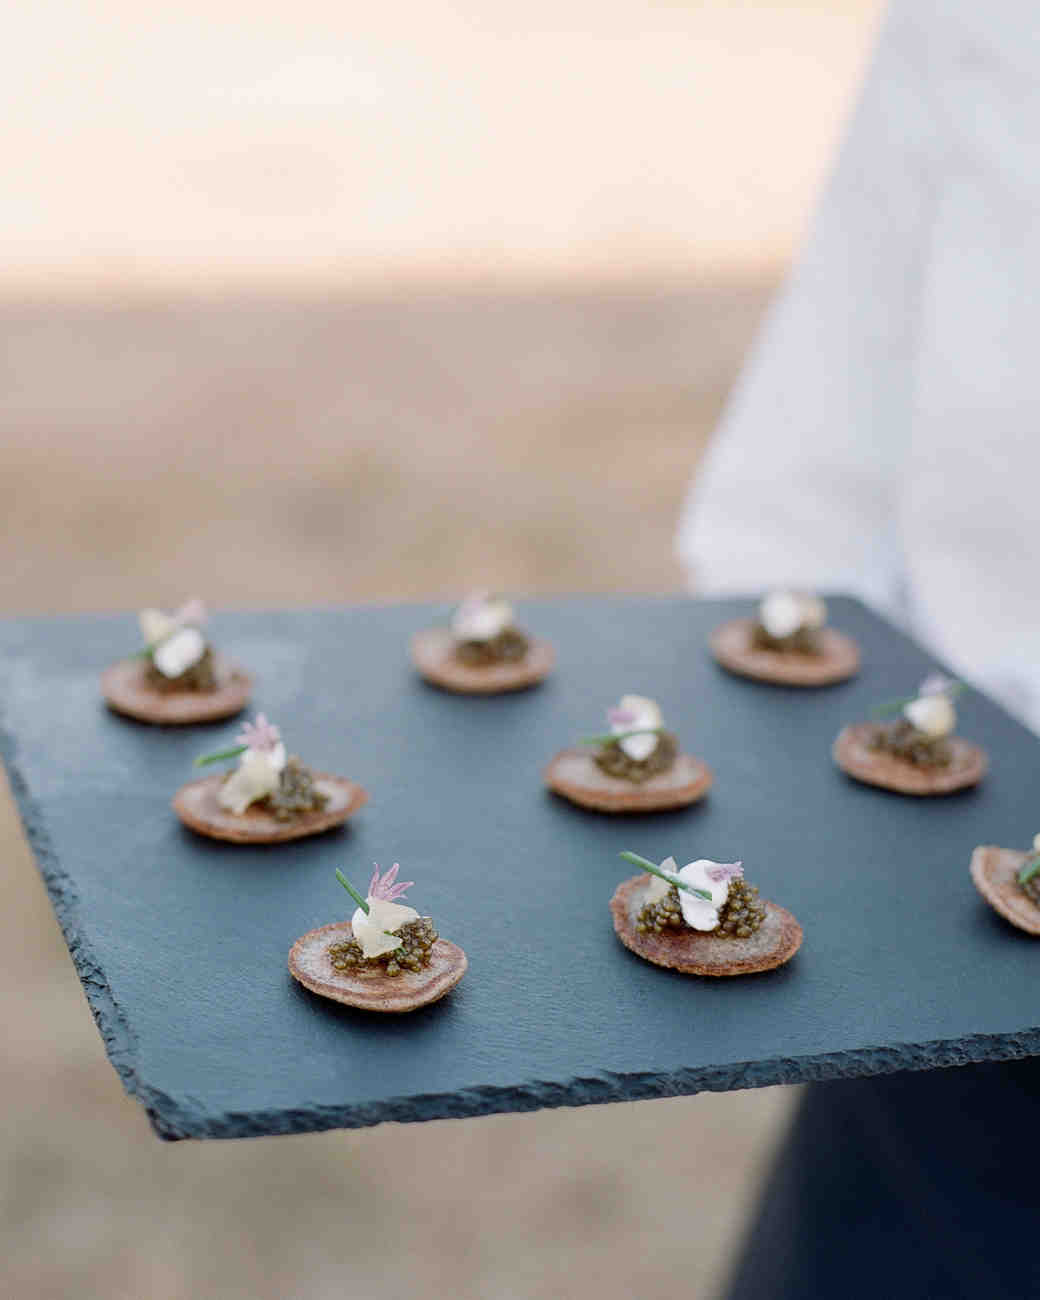 whitney zach wedding appetizer blini with caviar